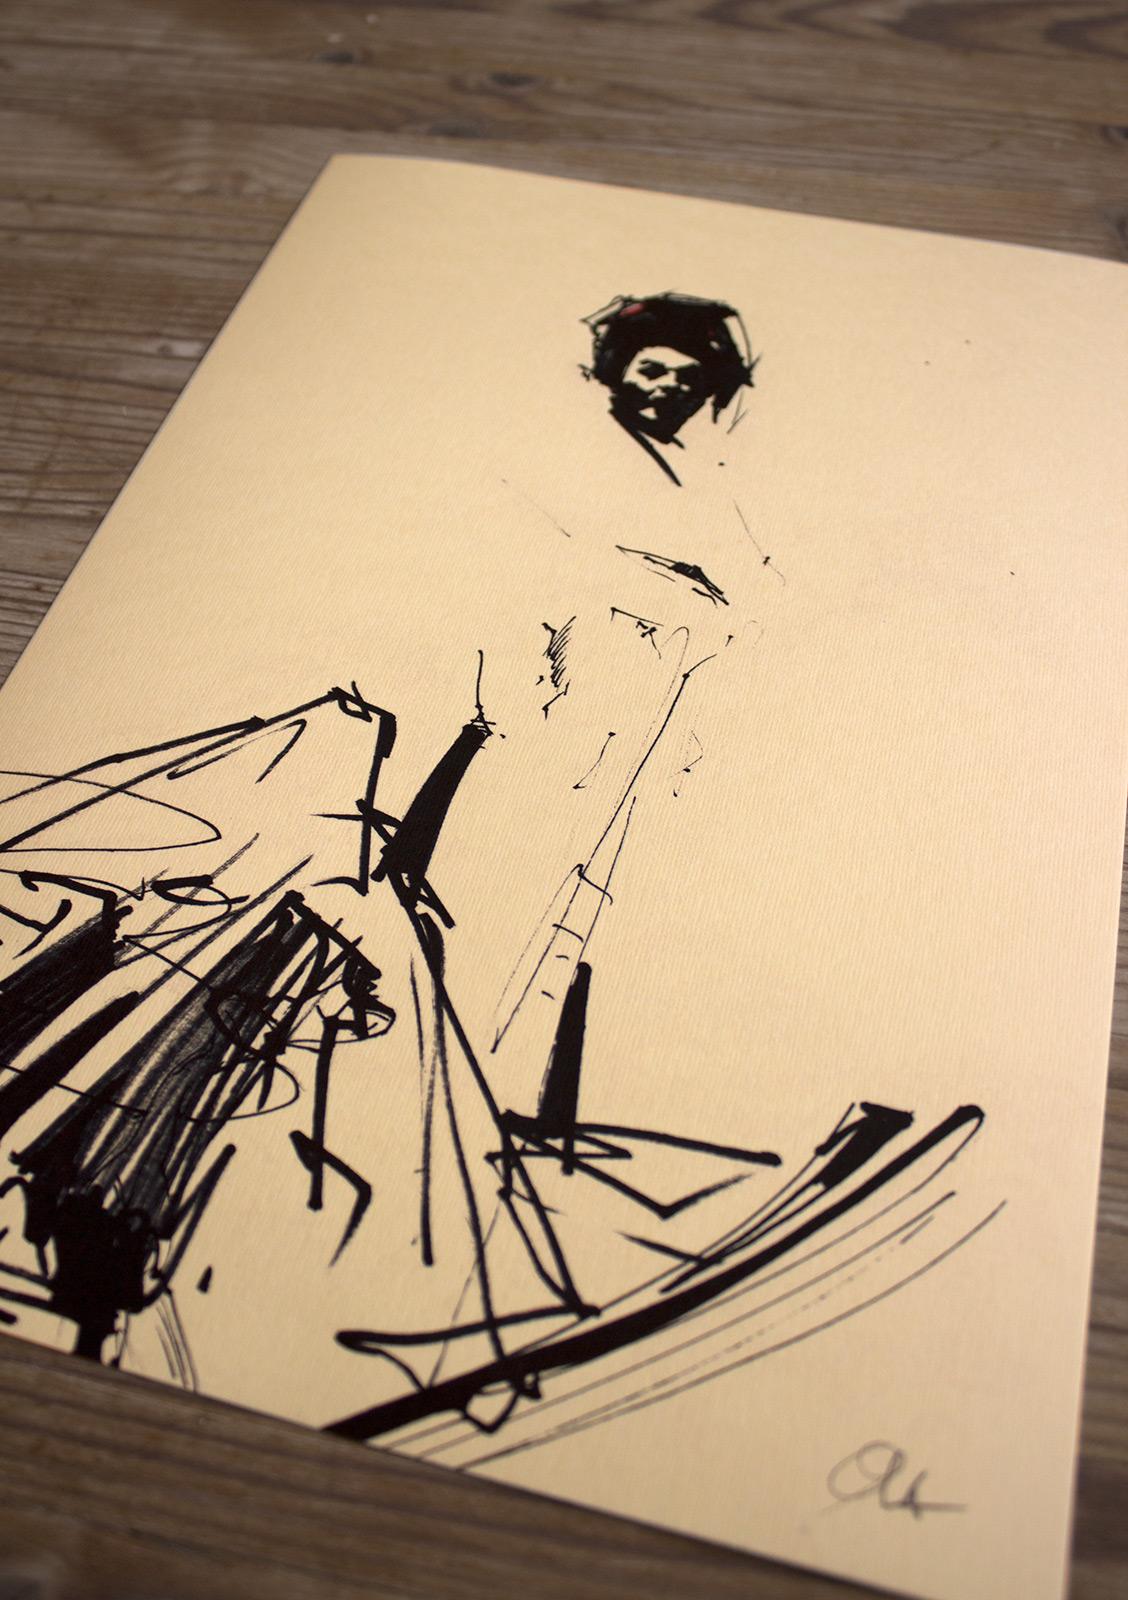 plakater-posters-kunsttryk, giclee-tryk, æstetiske, figurative, grafiske, portræt, kroppe, bevægelse, mennesker, beige, sorte, røde, blæk, papir, abstrakte-former, smukke, samtidskunst, dansk, dekorative, design, kvindelig, interiør, bolig-indretning, moderne, moderne-kunst, nordisk, plakater, skandinavisk, kvinder, Køb original kunst og kunstplakater. Malerier, tegninger, limited edition kunsttryk & plakater af dygtige kunstnere.